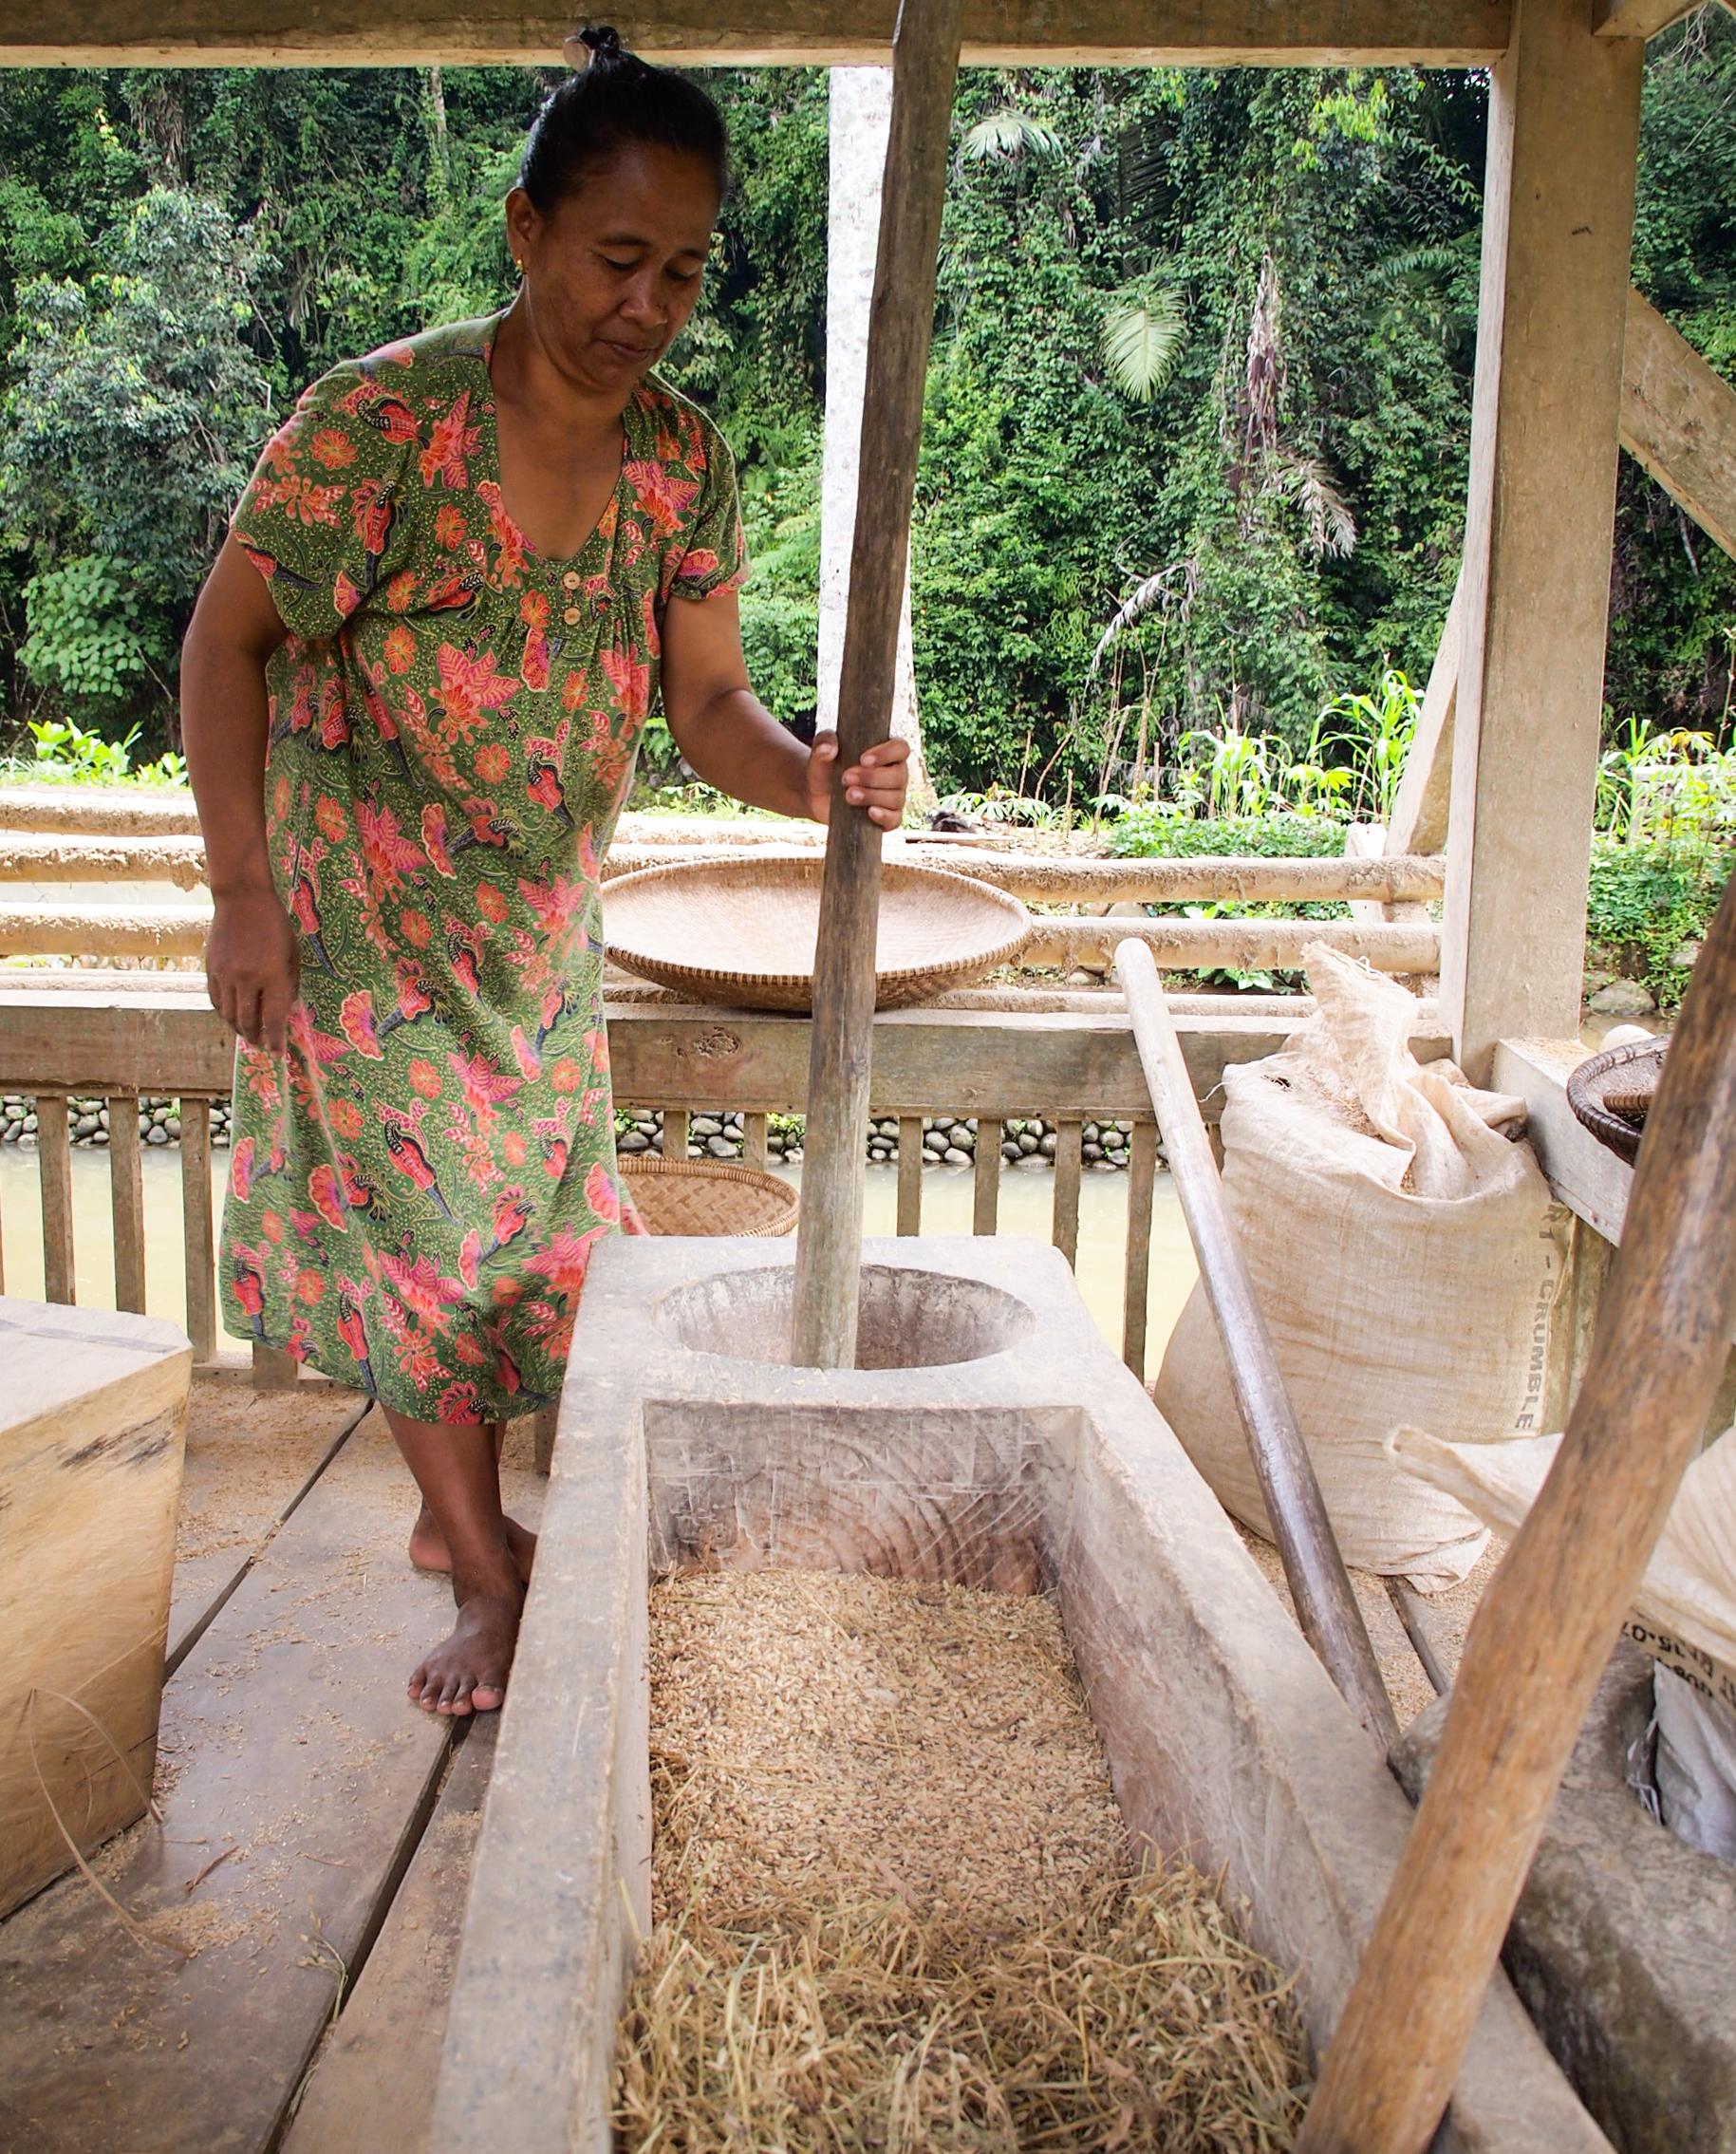 pounding rice in Kampung Naga Tasikmalaya